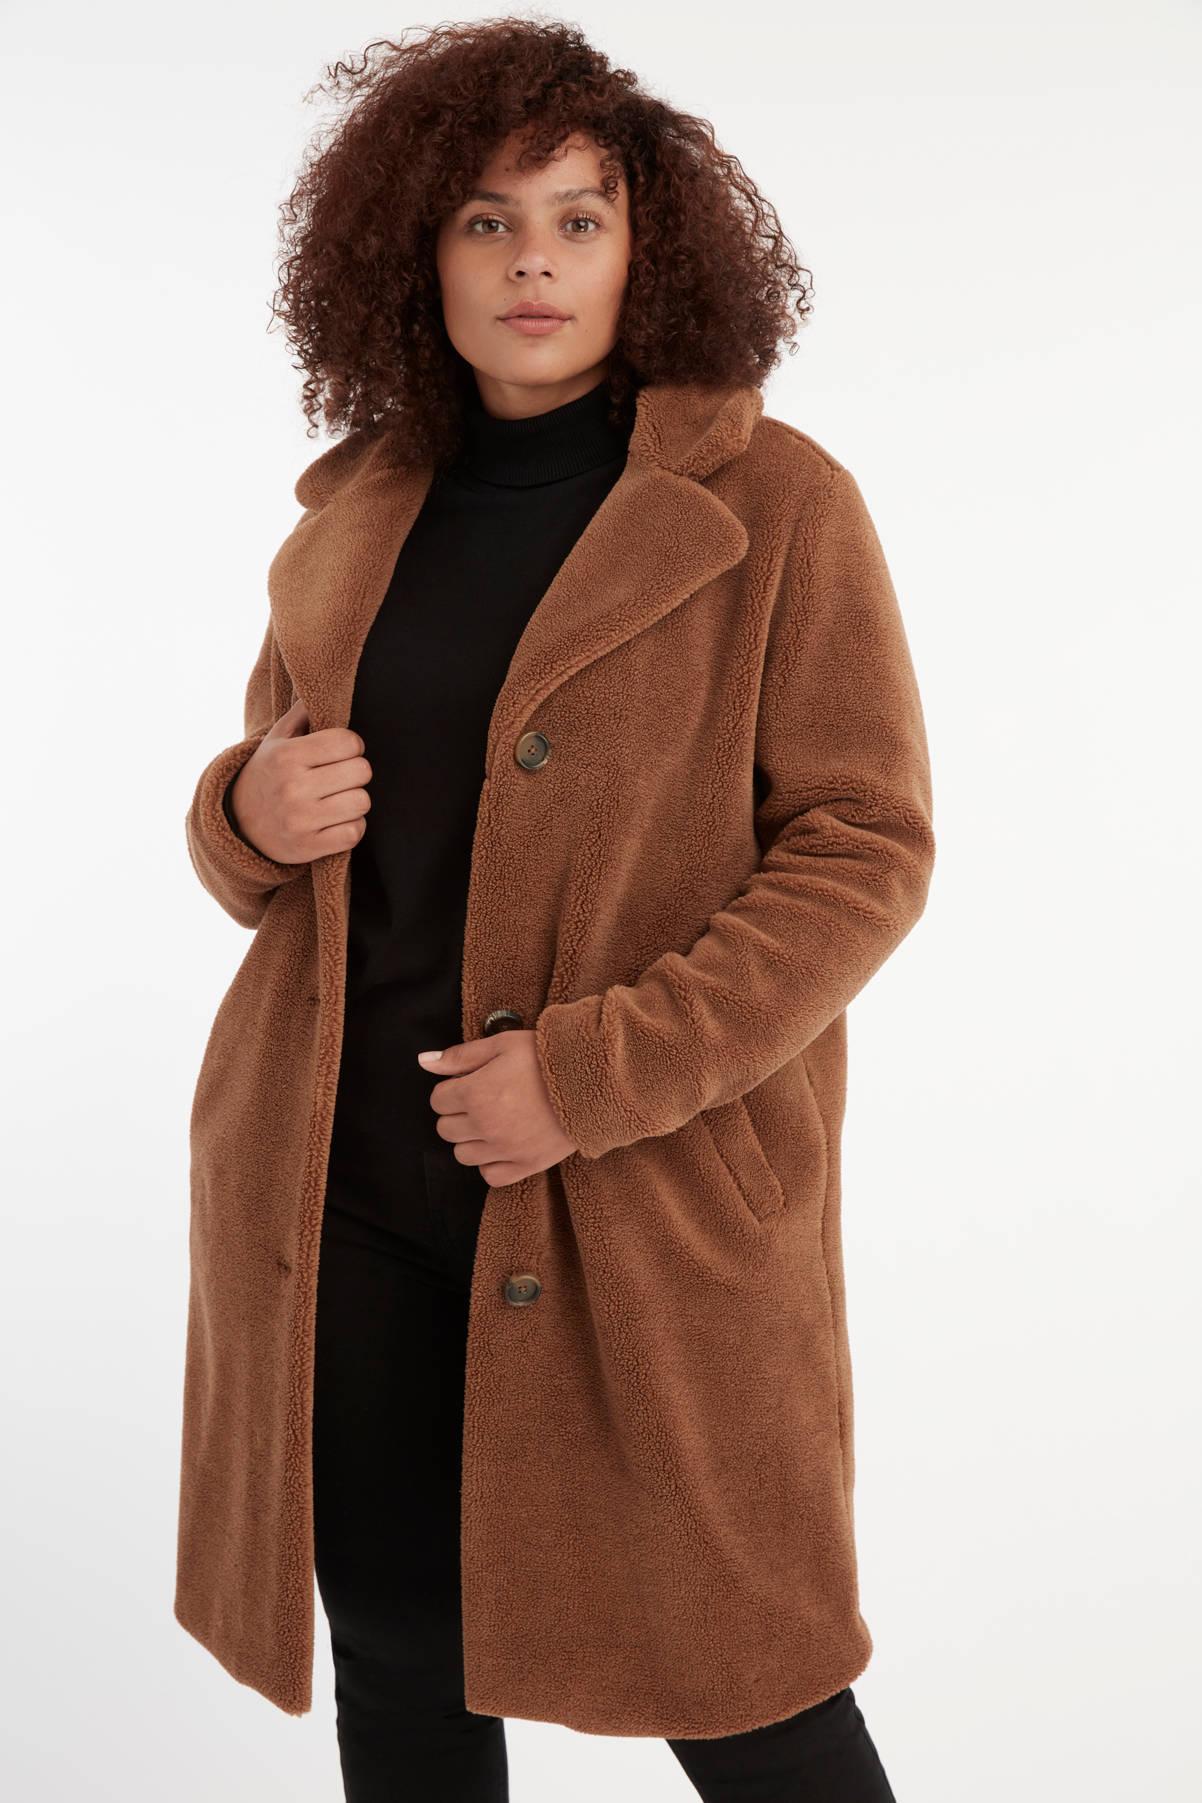 MS Mode teddy jassen voor dames kopen Vind jouw MS Mode